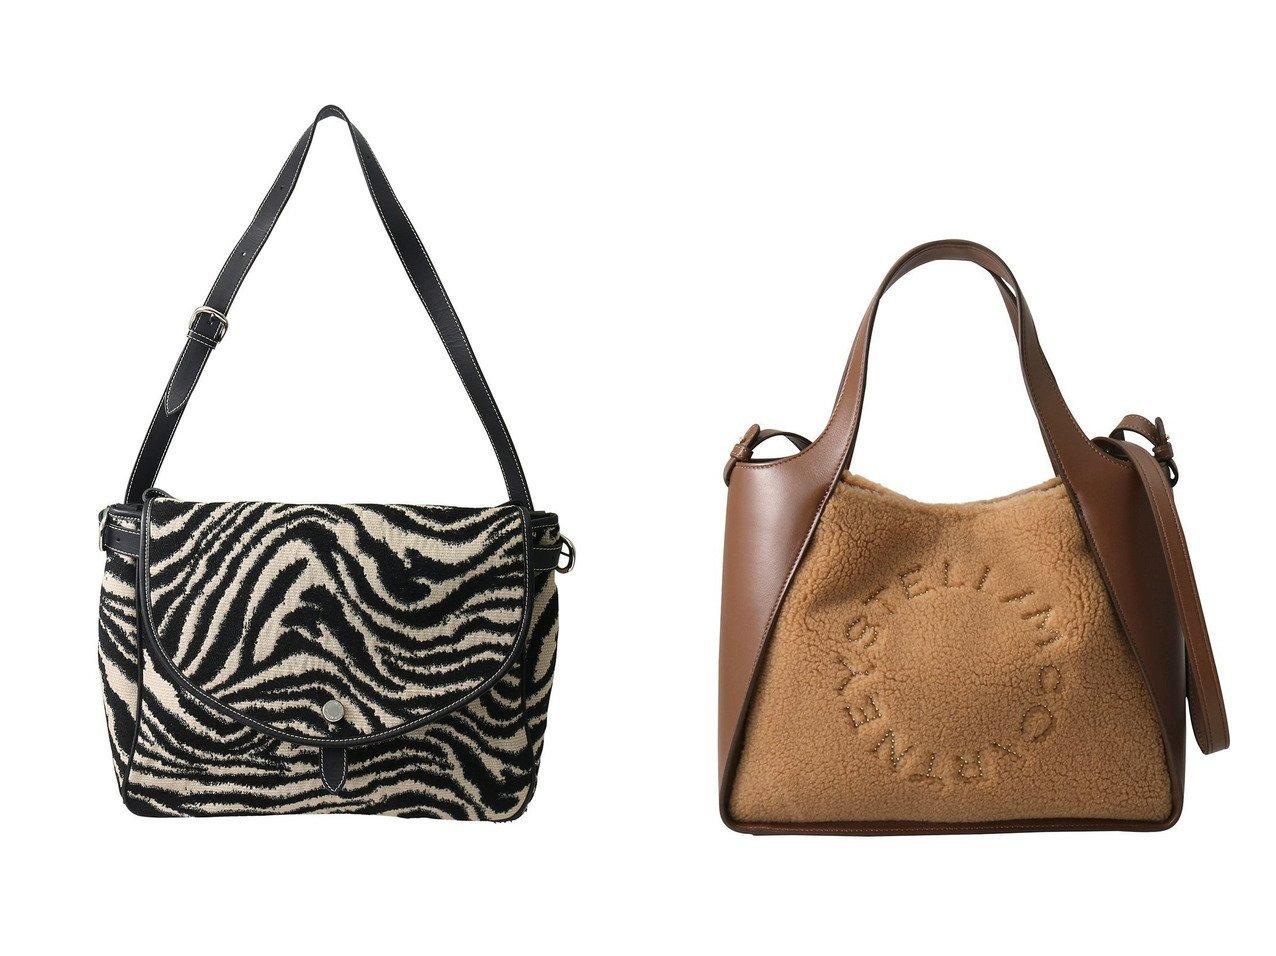 【A VACATION/ア ヴァケーション】のKIKI メッセンジャーバッグ&【STELLA McCARTNEY/ステラ マッカートニー】のStella Logo Eco Teddy 2way ミニトートバッグ 【バッグ・鞄】おすすめ!人気、トレンド・レディースファッションの通販 おすすめで人気の流行・トレンド、ファッションの通販商品 インテリア・家具・メンズファッション・キッズファッション・レディースファッション・服の通販 founy(ファニー) https://founy.com/ ファッション Fashion レディースファッション WOMEN バッグ Bag 2020年 2020 2020-2021秋冬・A/W AW・Autumn/Winter・FW・Fall-Winter/2020-2021 2021年 2021 2021-2022秋冬・A/W AW・Autumn/Winter・FW・Fall-Winter・2021-2022 A/W・秋冬 AW・Autumn/Winter・FW・Fall-Winter ショルダー ポシェット ロング ハンドバッグ フロント ポーチ  ID:crp329100000065090